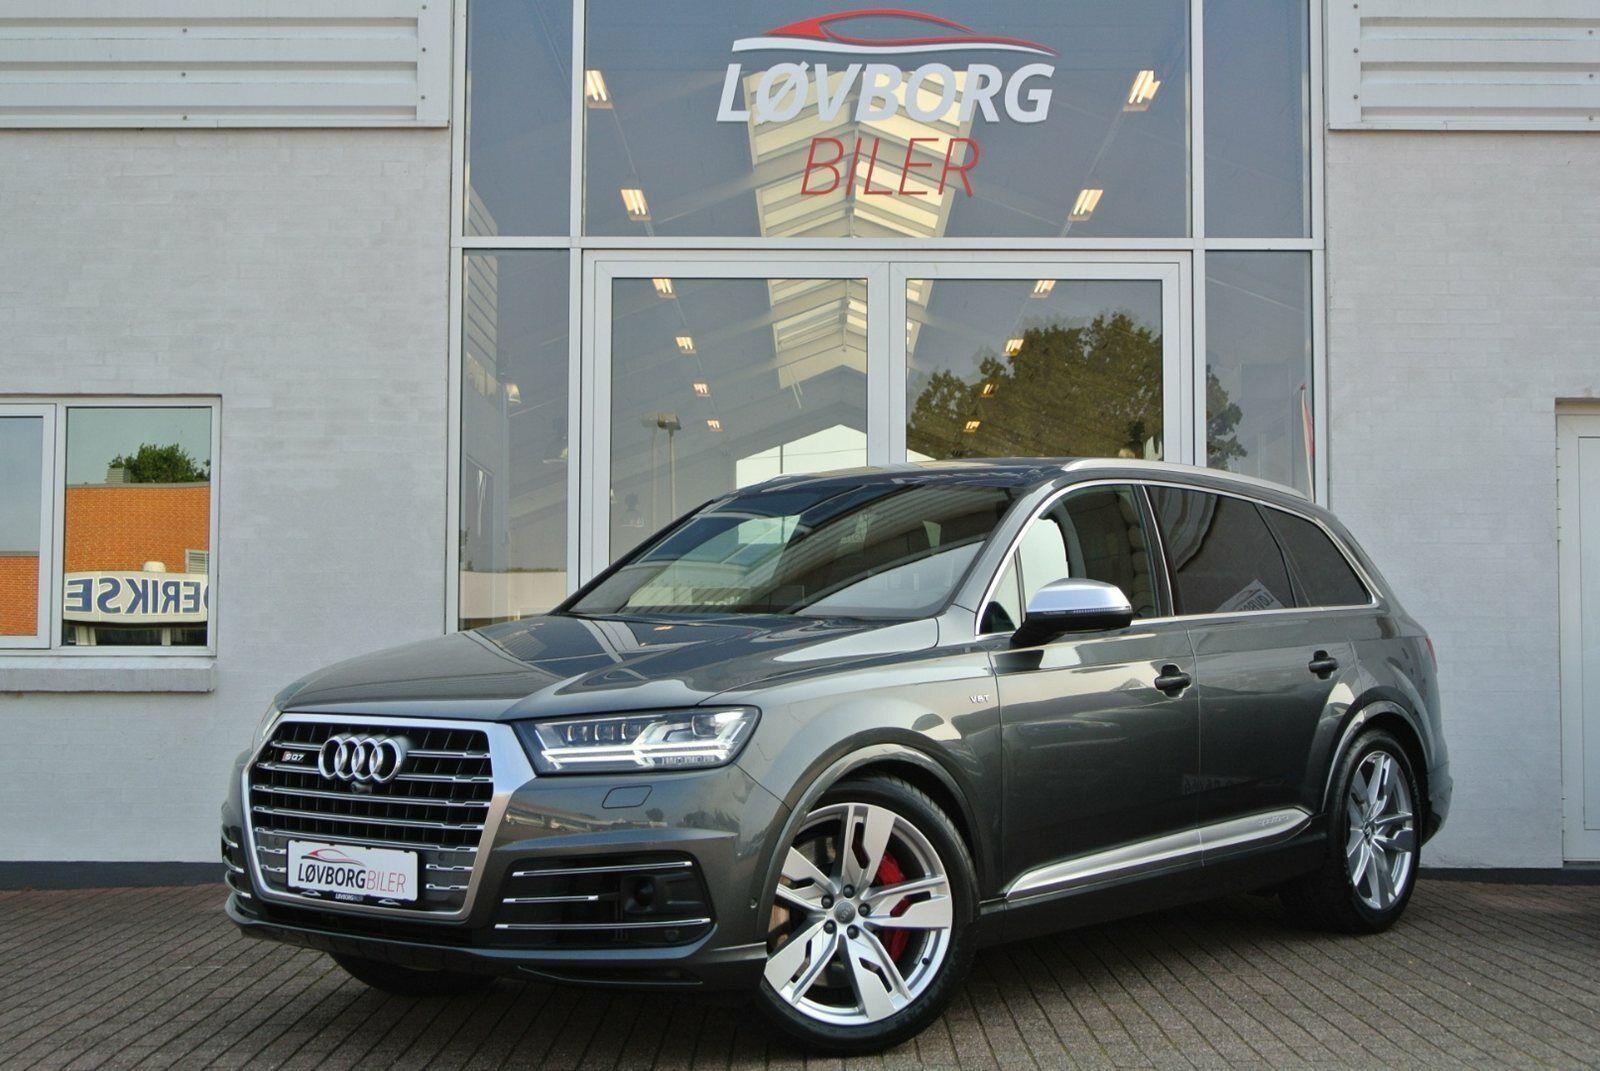 Audi SQ7 4,0 TDi quattro Tiptr. 7prs 5d - 8.492 kr.